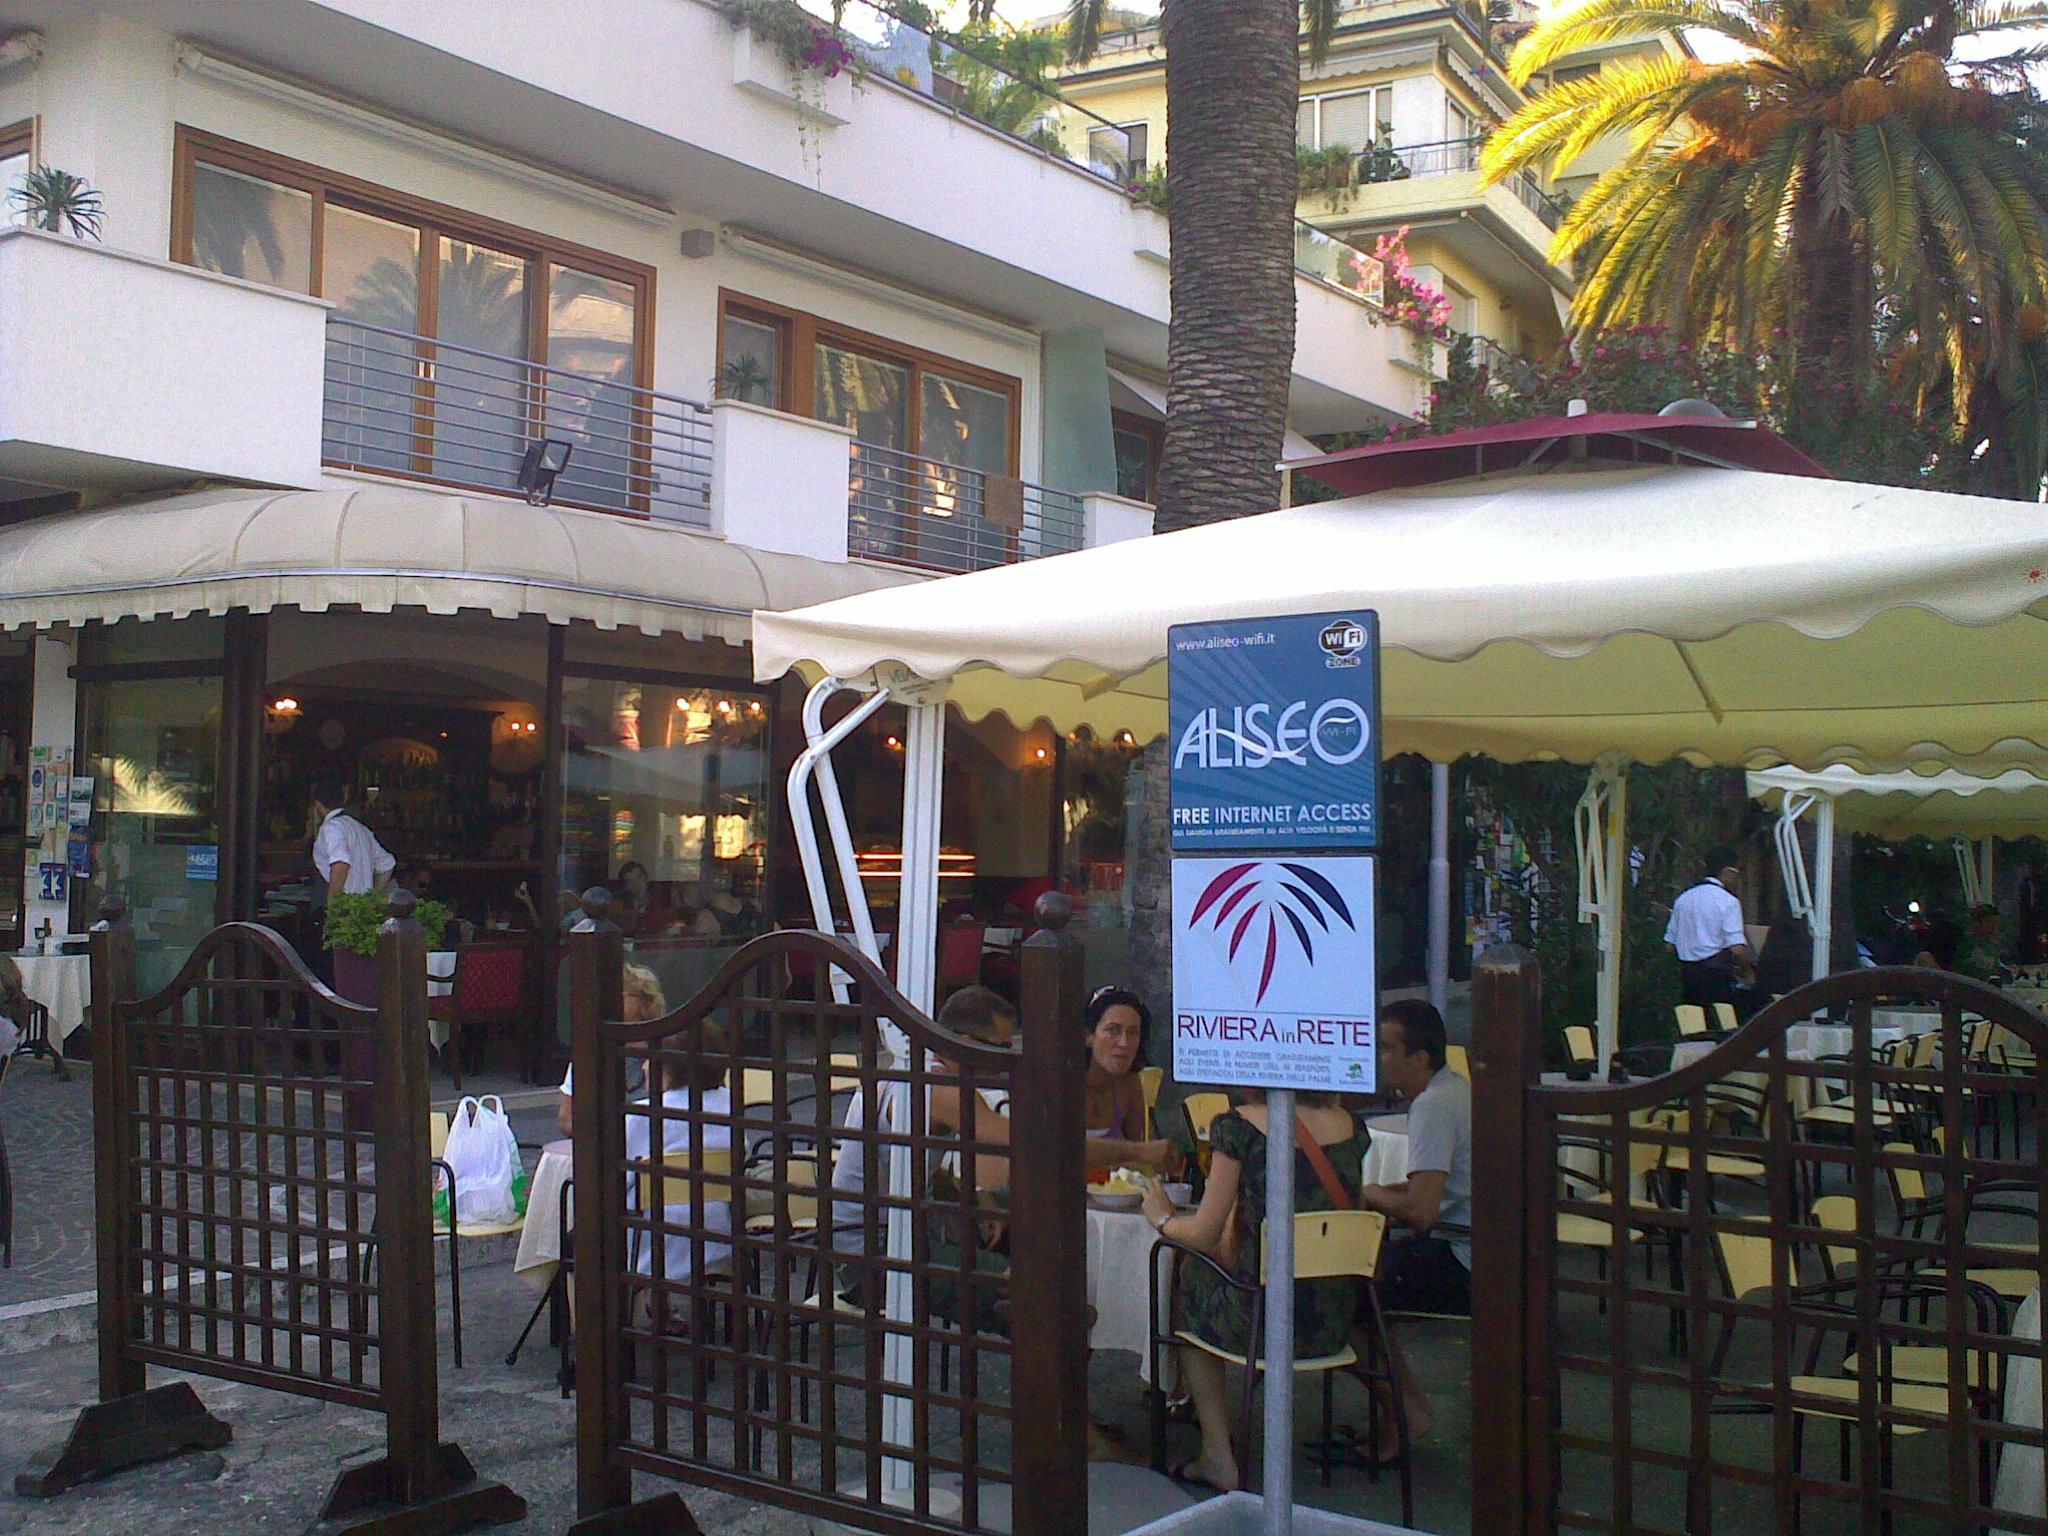 Servizio Wi-fi situato al centro, presso il Caffè Moretti